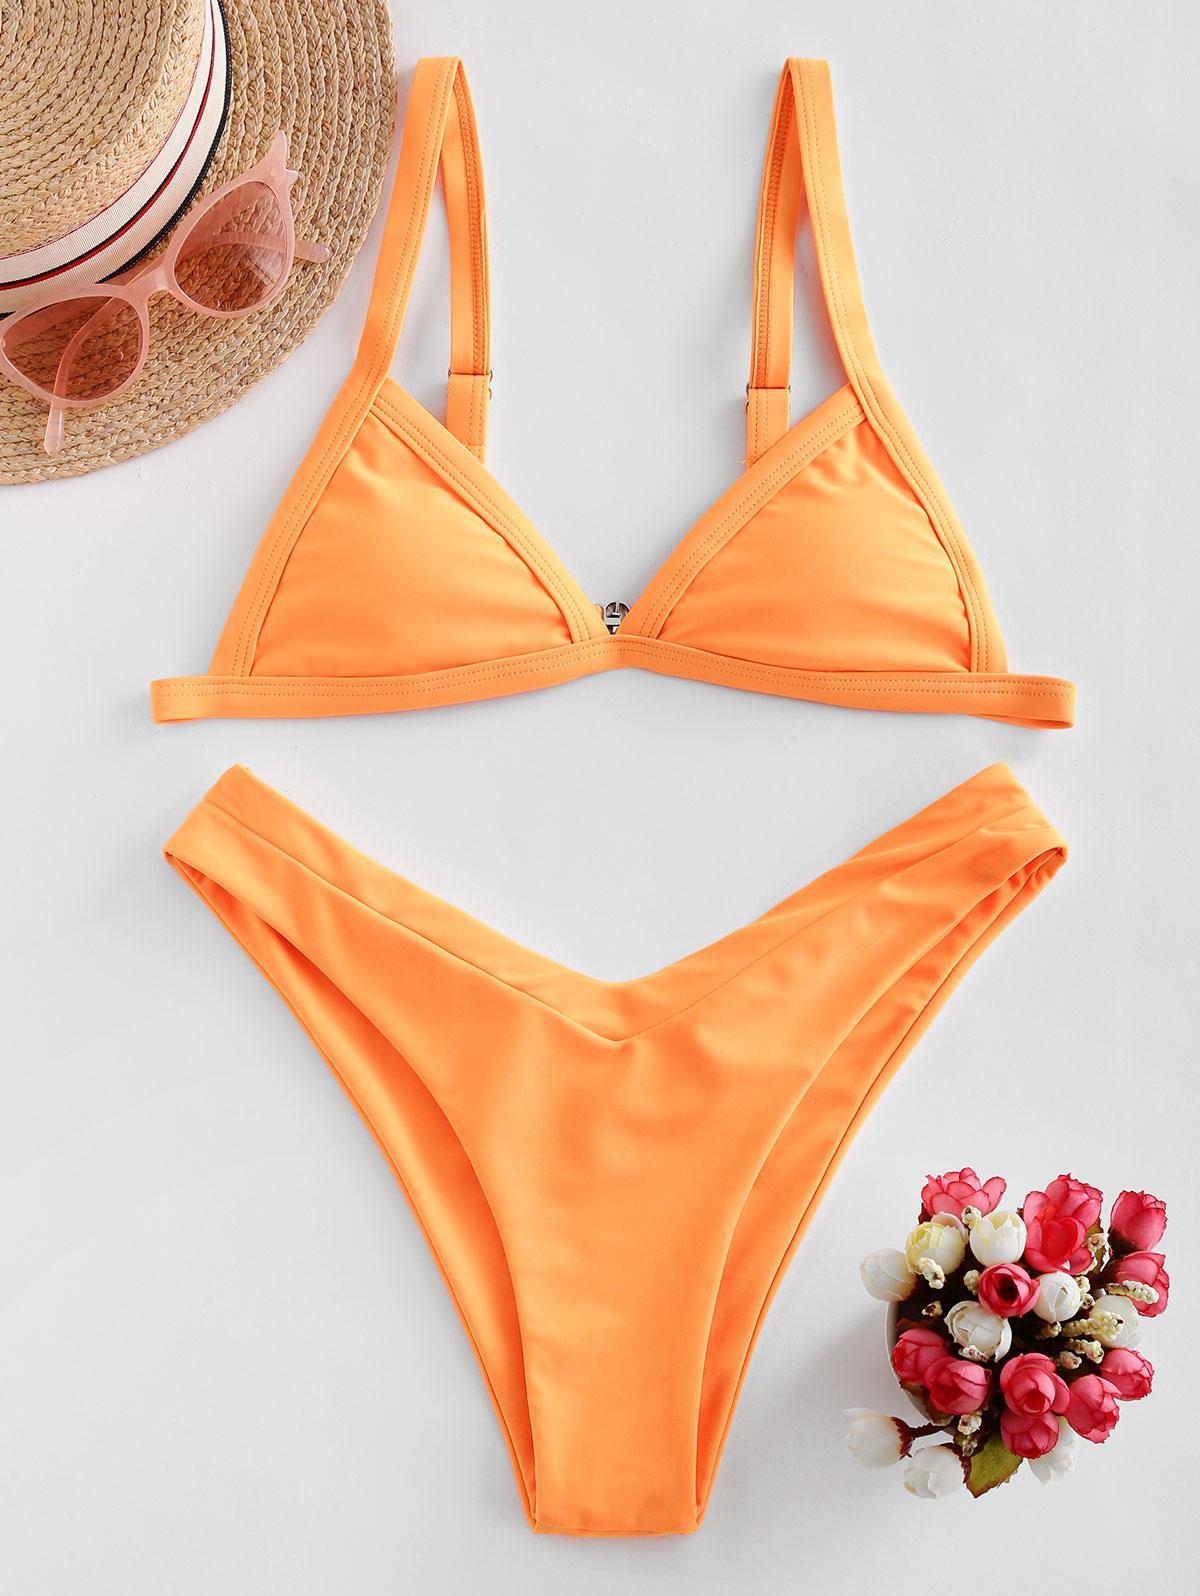 ZAFUL Neon High Cut Padded Bikini Swimsuit thumbnail